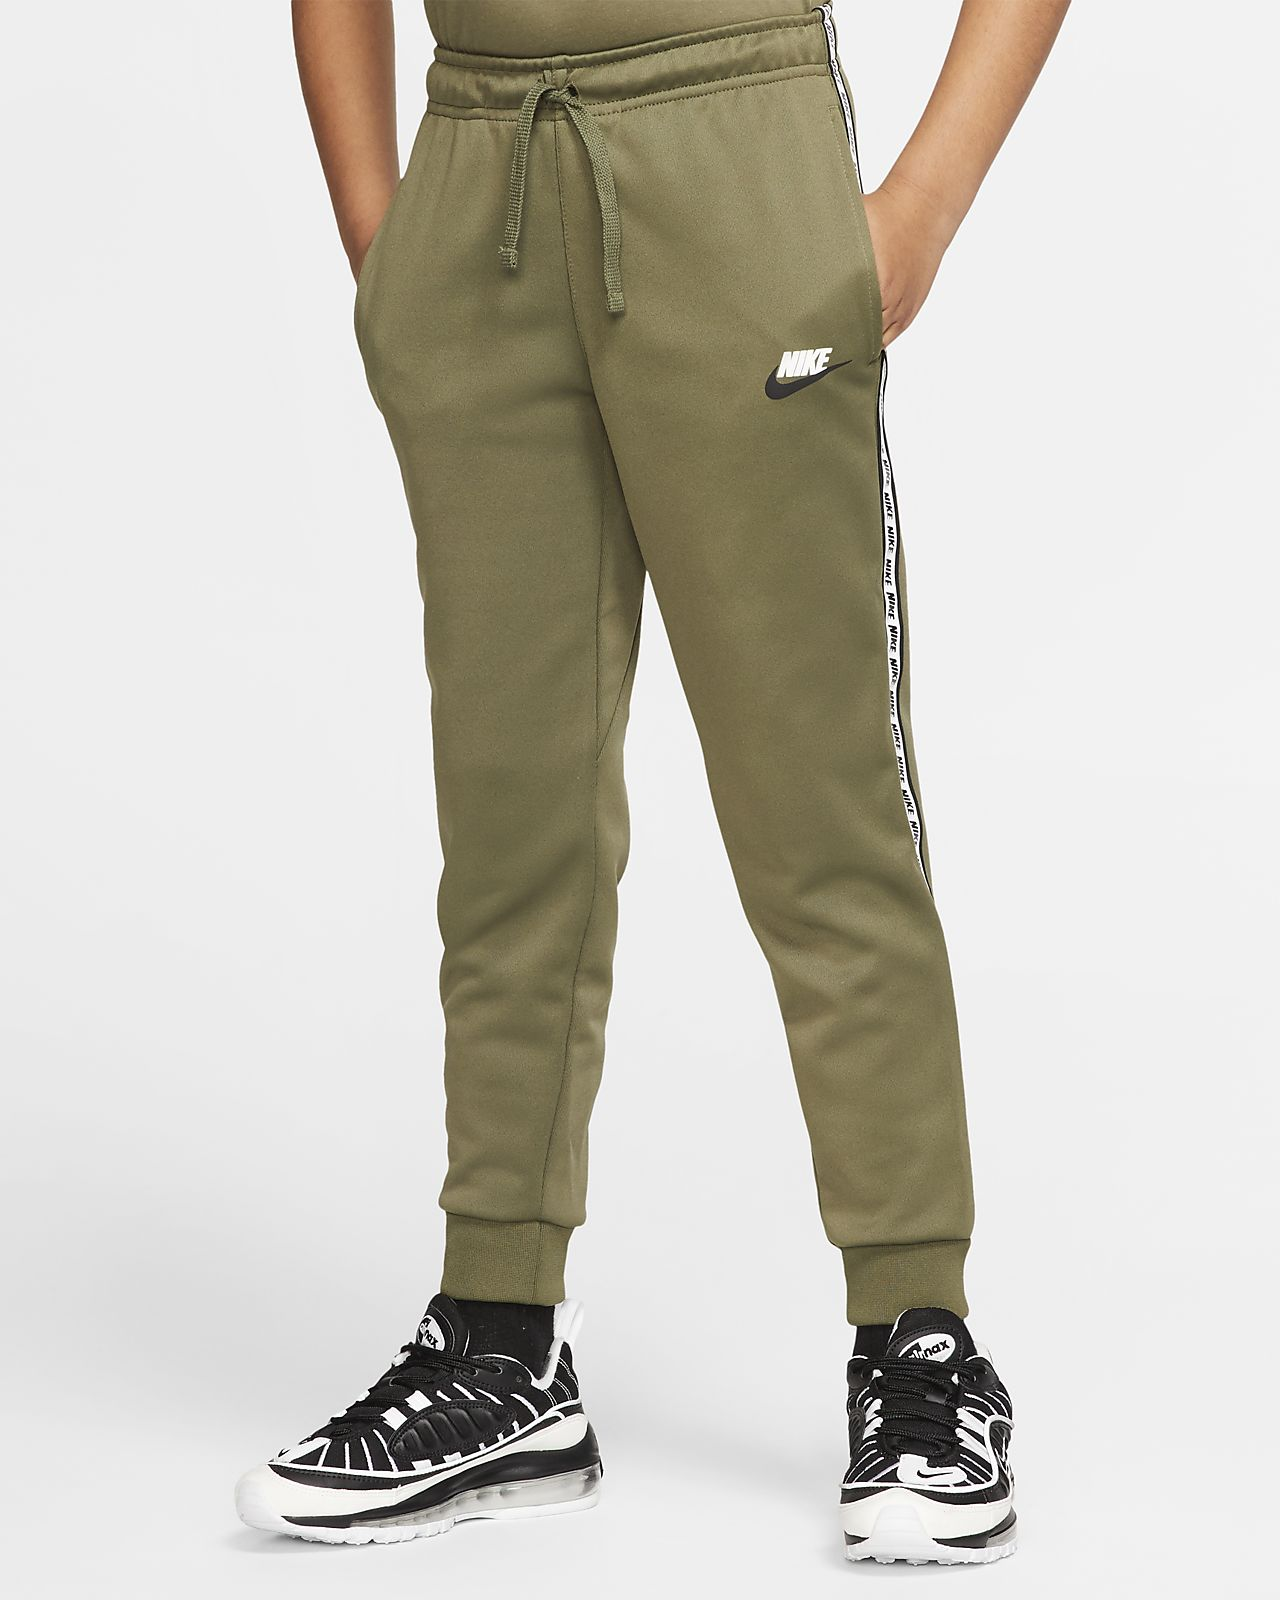 Byxor Nike Sportswear för ungdom